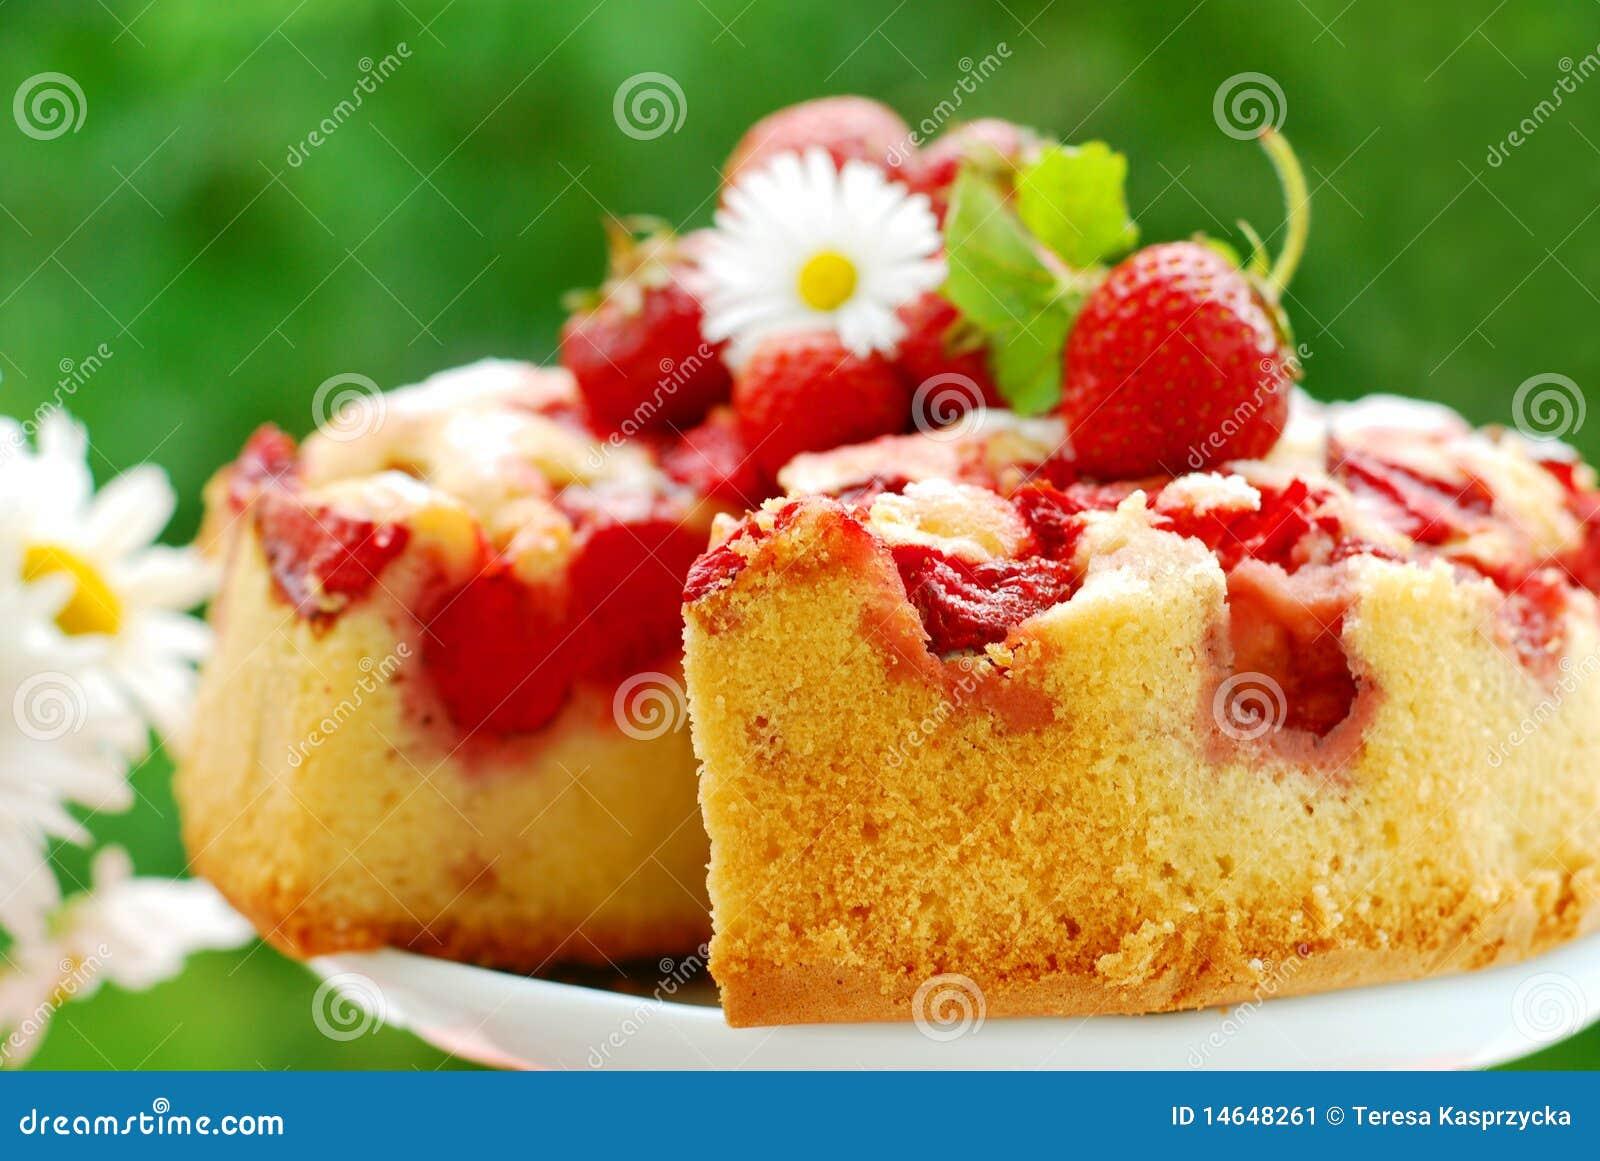 таблица клубники сада торта